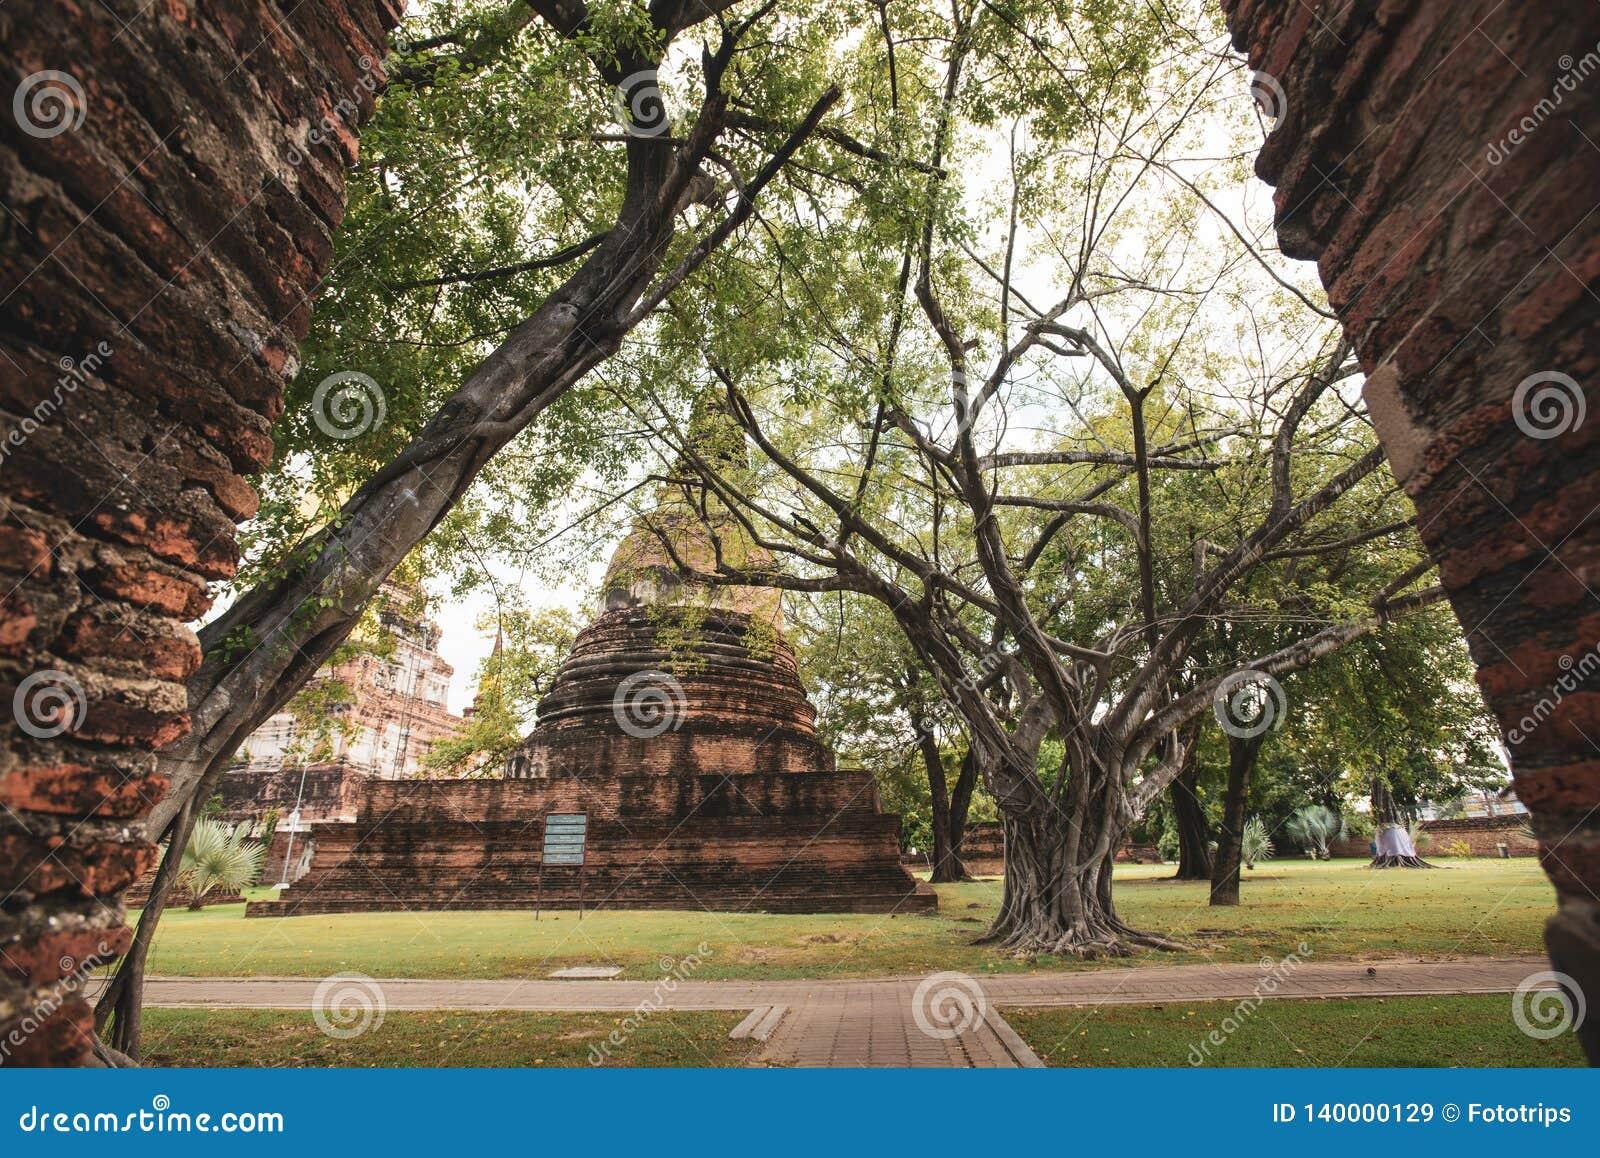 Thailands Tempel - alte Pagode bei Wat Yai Chai Mongkhon, historischer Park Ayutthaya, Thailand